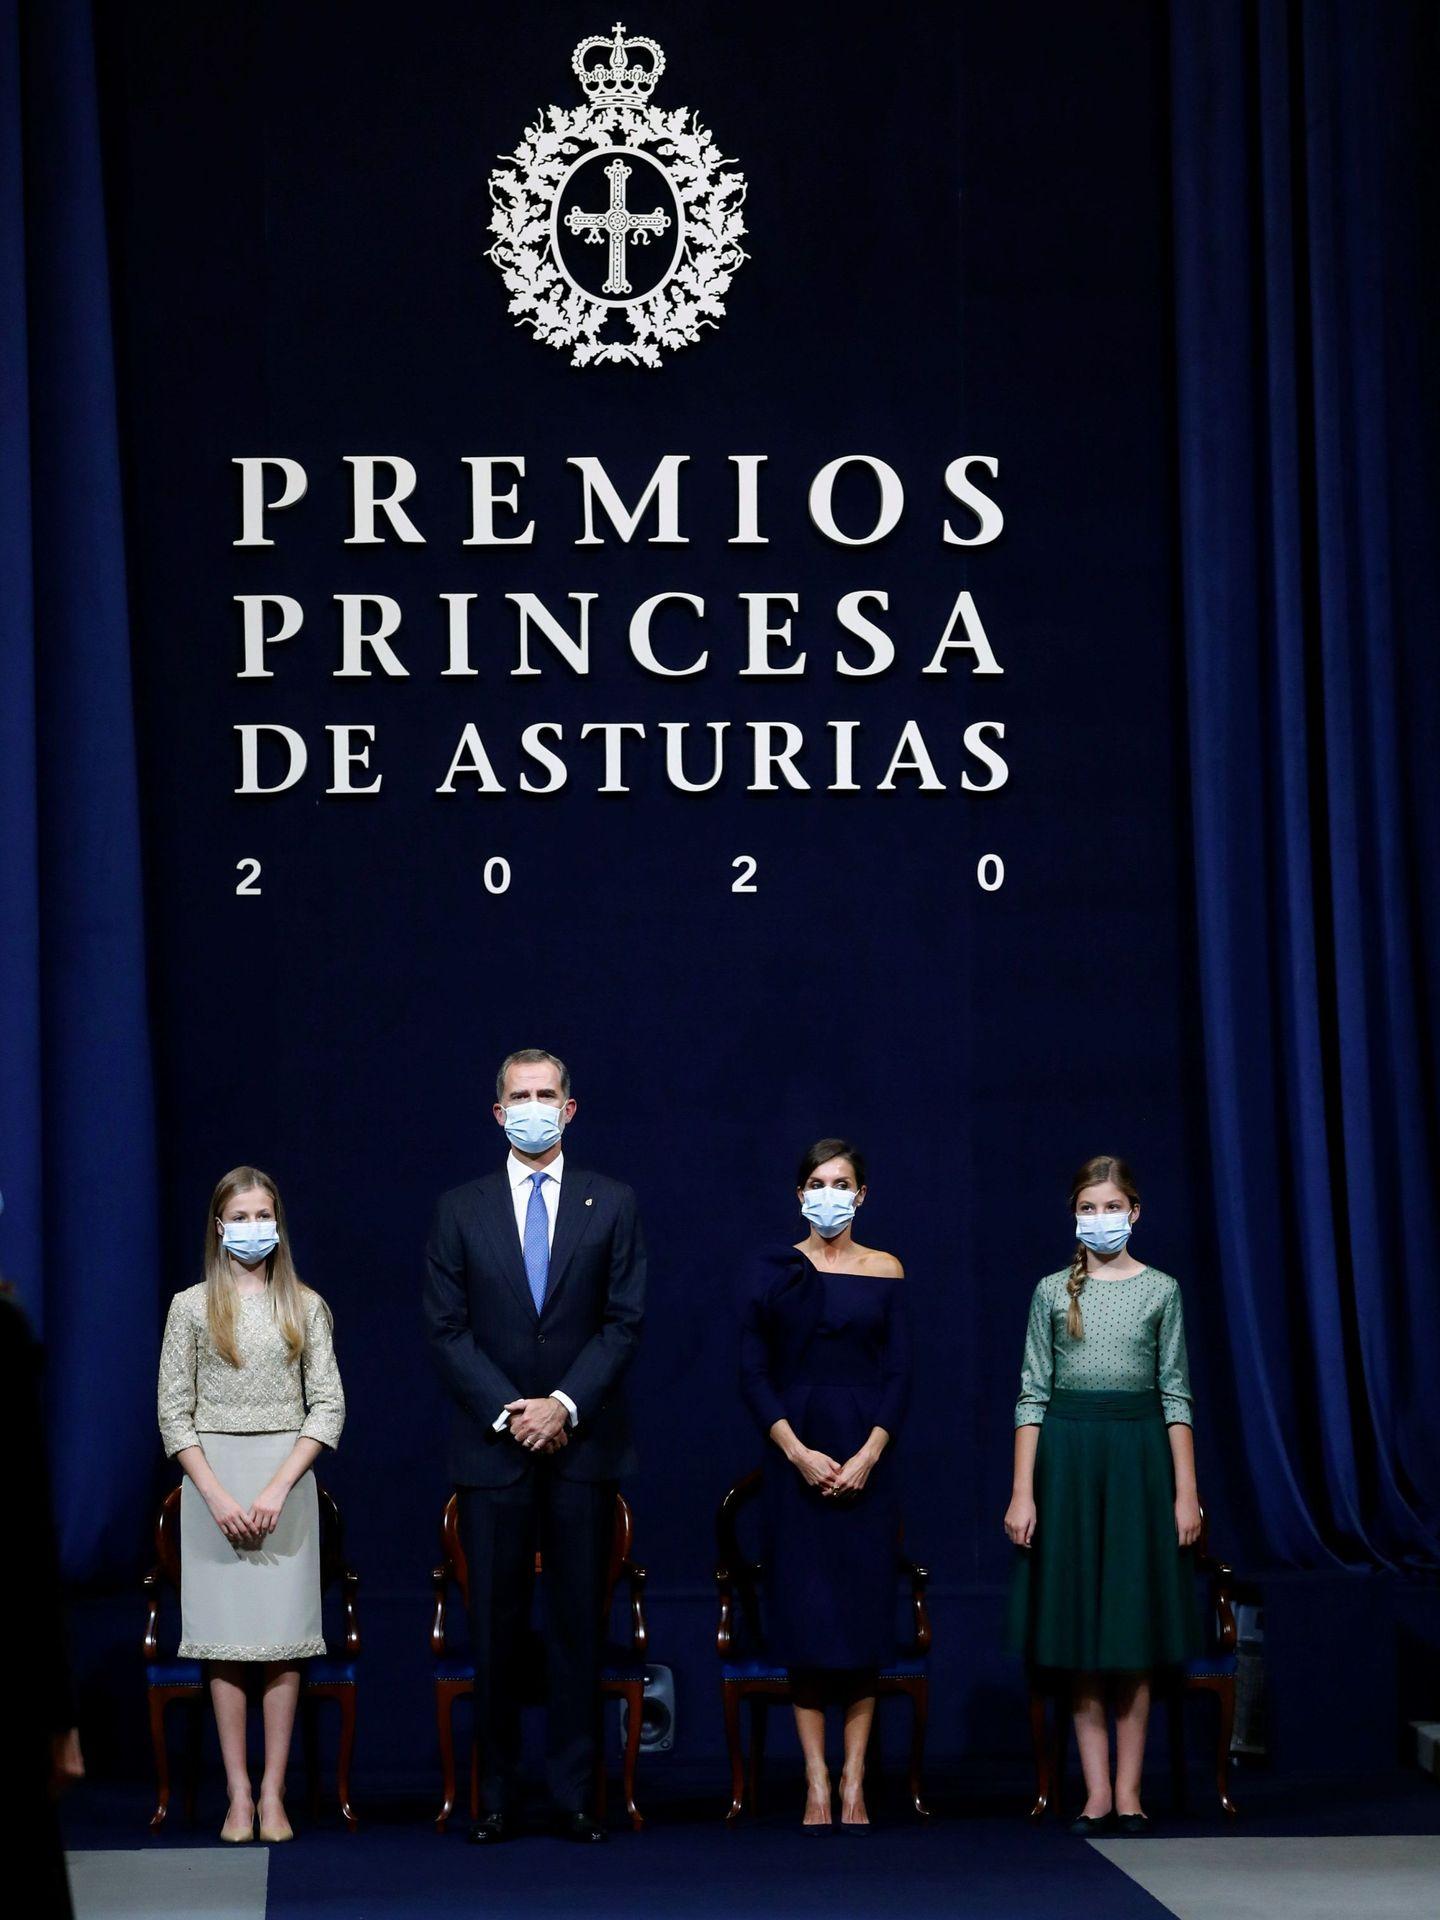 Los Premios Princesa de Asturias de 2020. (EFE)